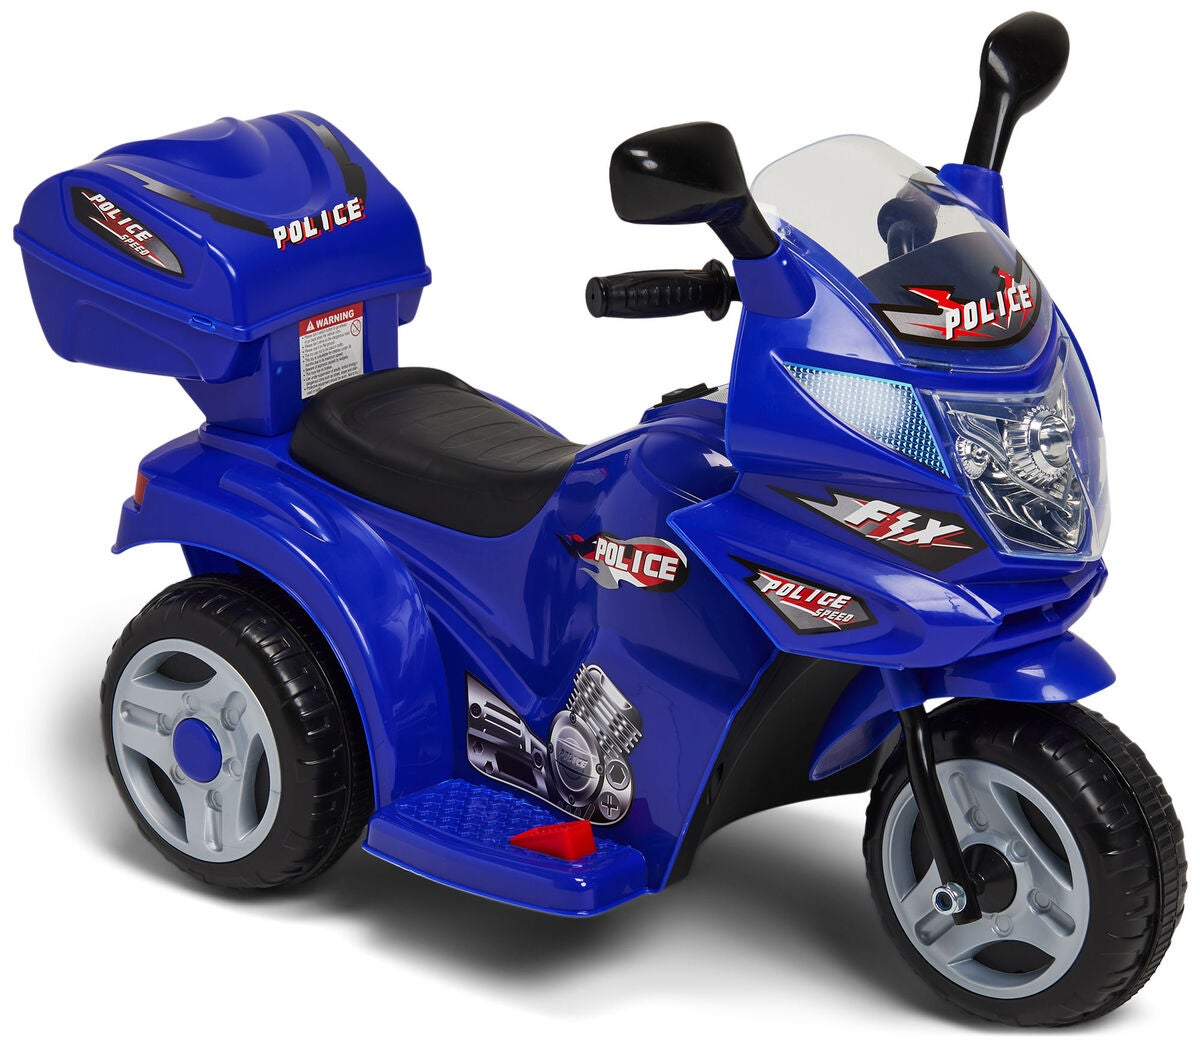 billigaste elmotorcykeln för barn i vårt test